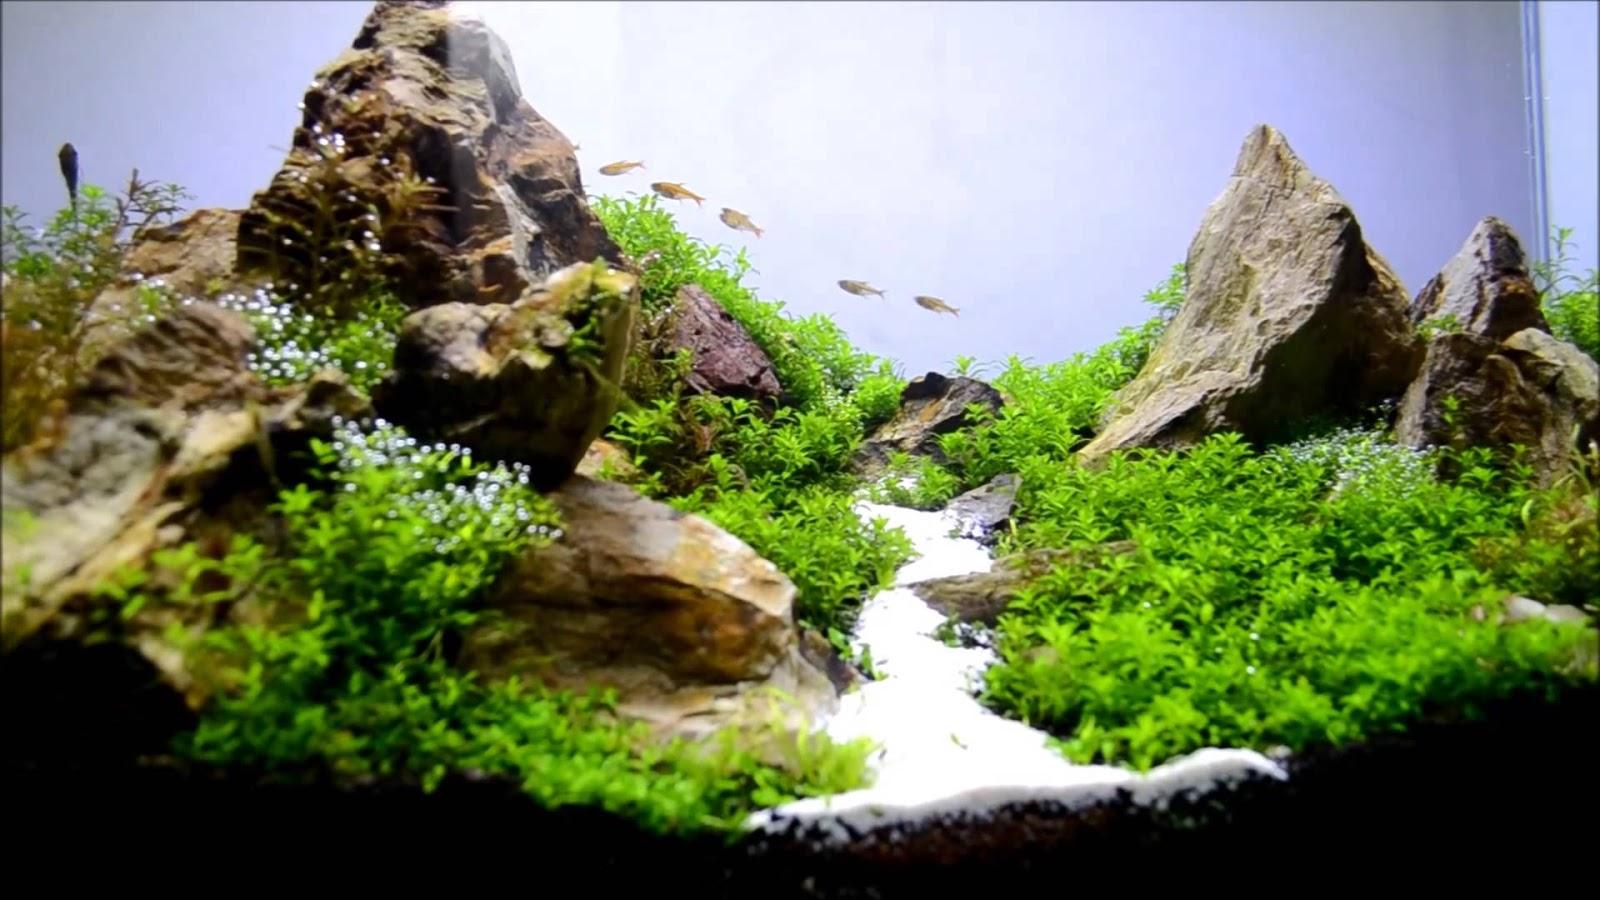 Cây trân châu cao 3 lá được tỉa ngắn trong hồ thủy sinh này